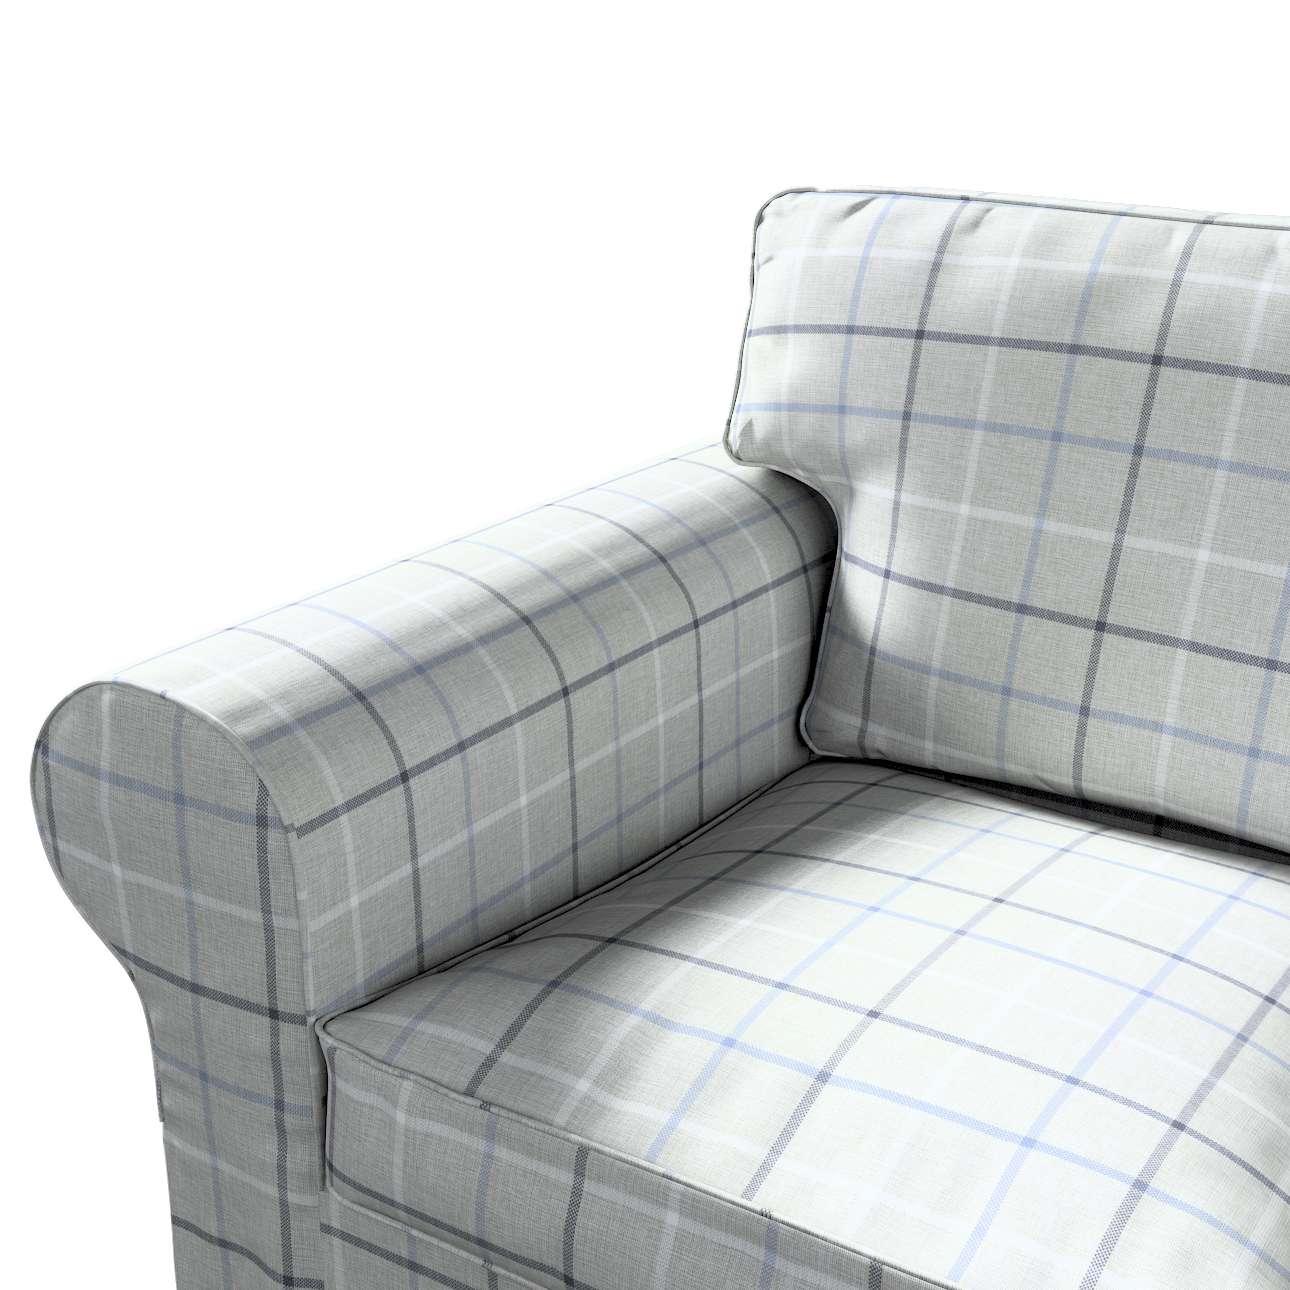 Poťah na sedačku Ektorp (rozkladacia, pre 2 osoby) NOVÝ MODEL 2012 V kolekcii Edinburg, tkanina: 703-18